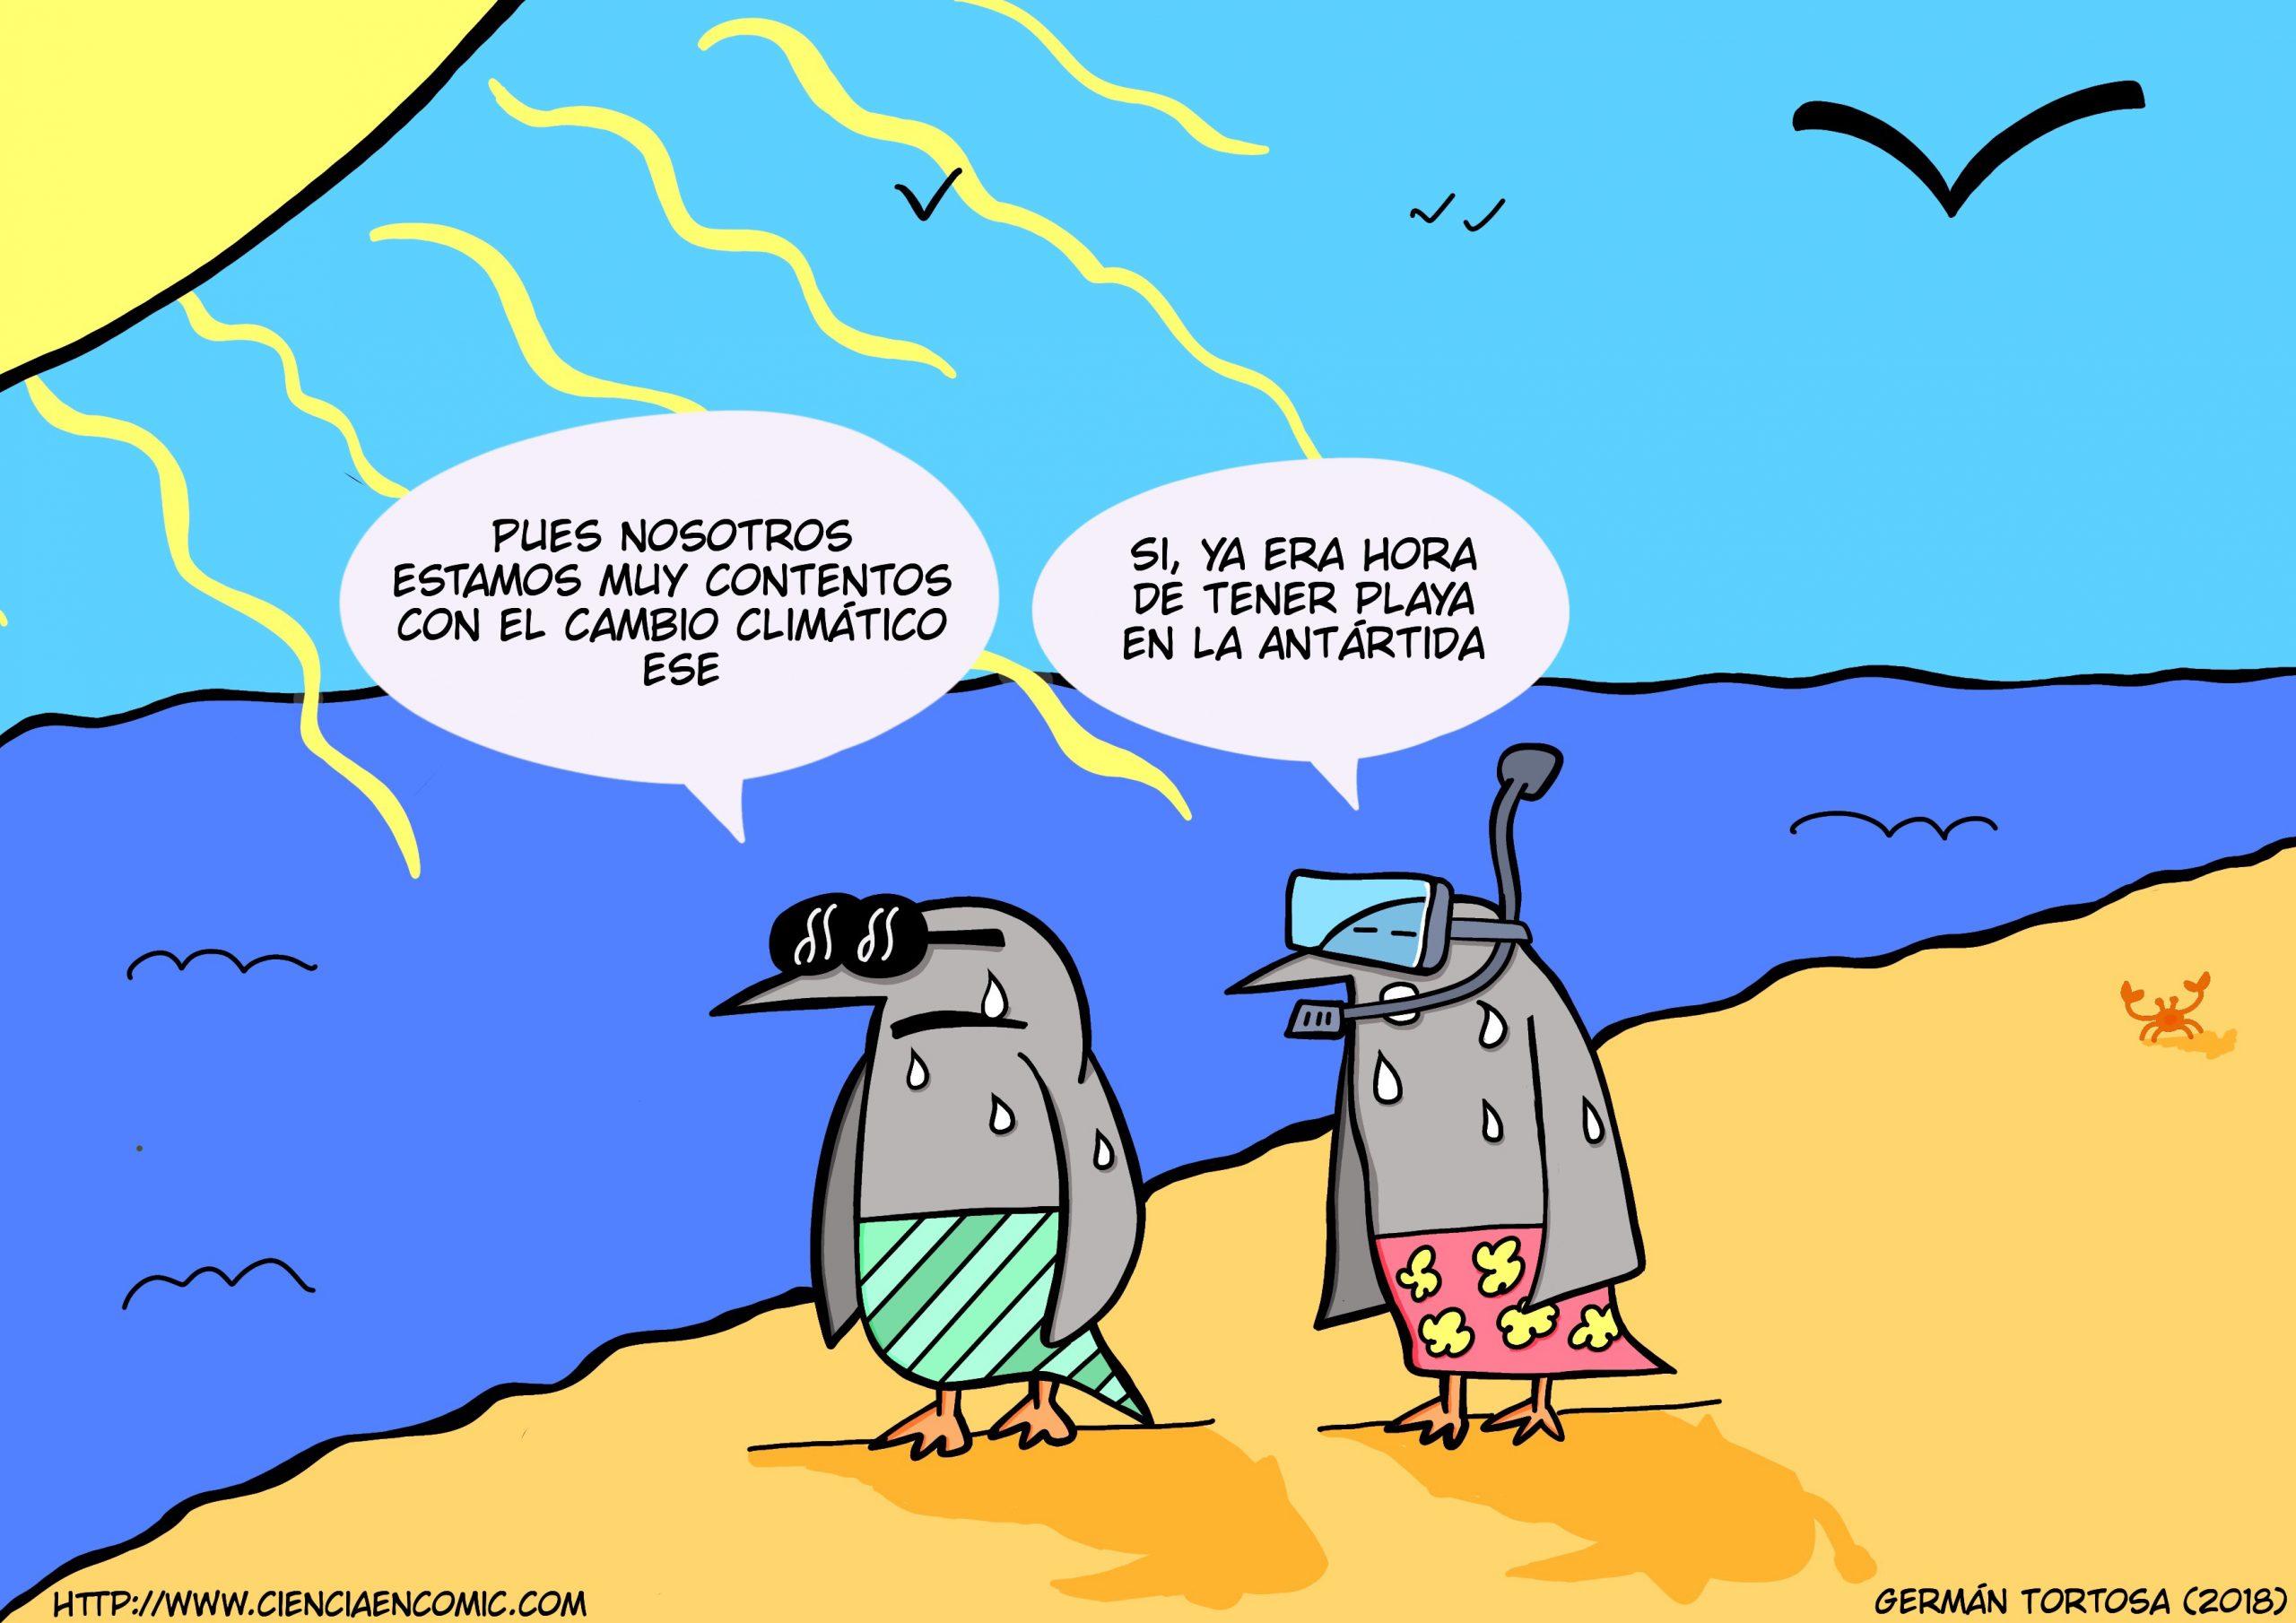 02) Humor gráfico: Los pingüinos quieren playa